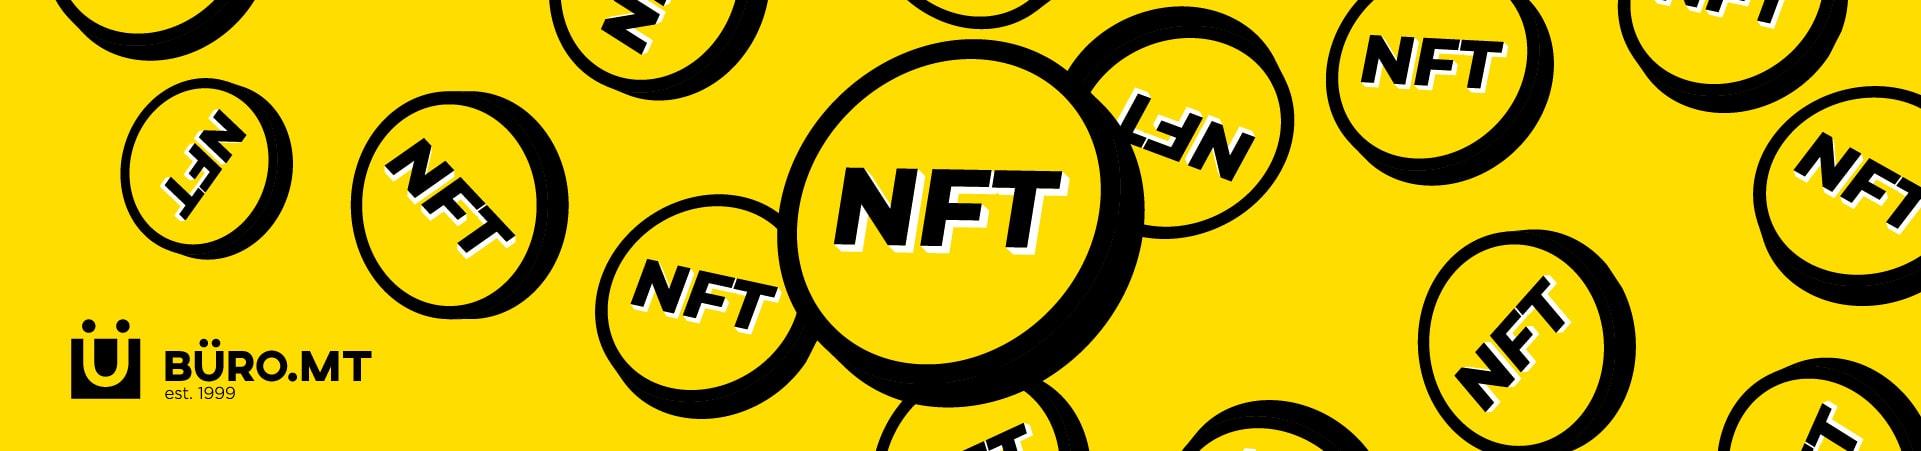 NFT large | Buro.MT